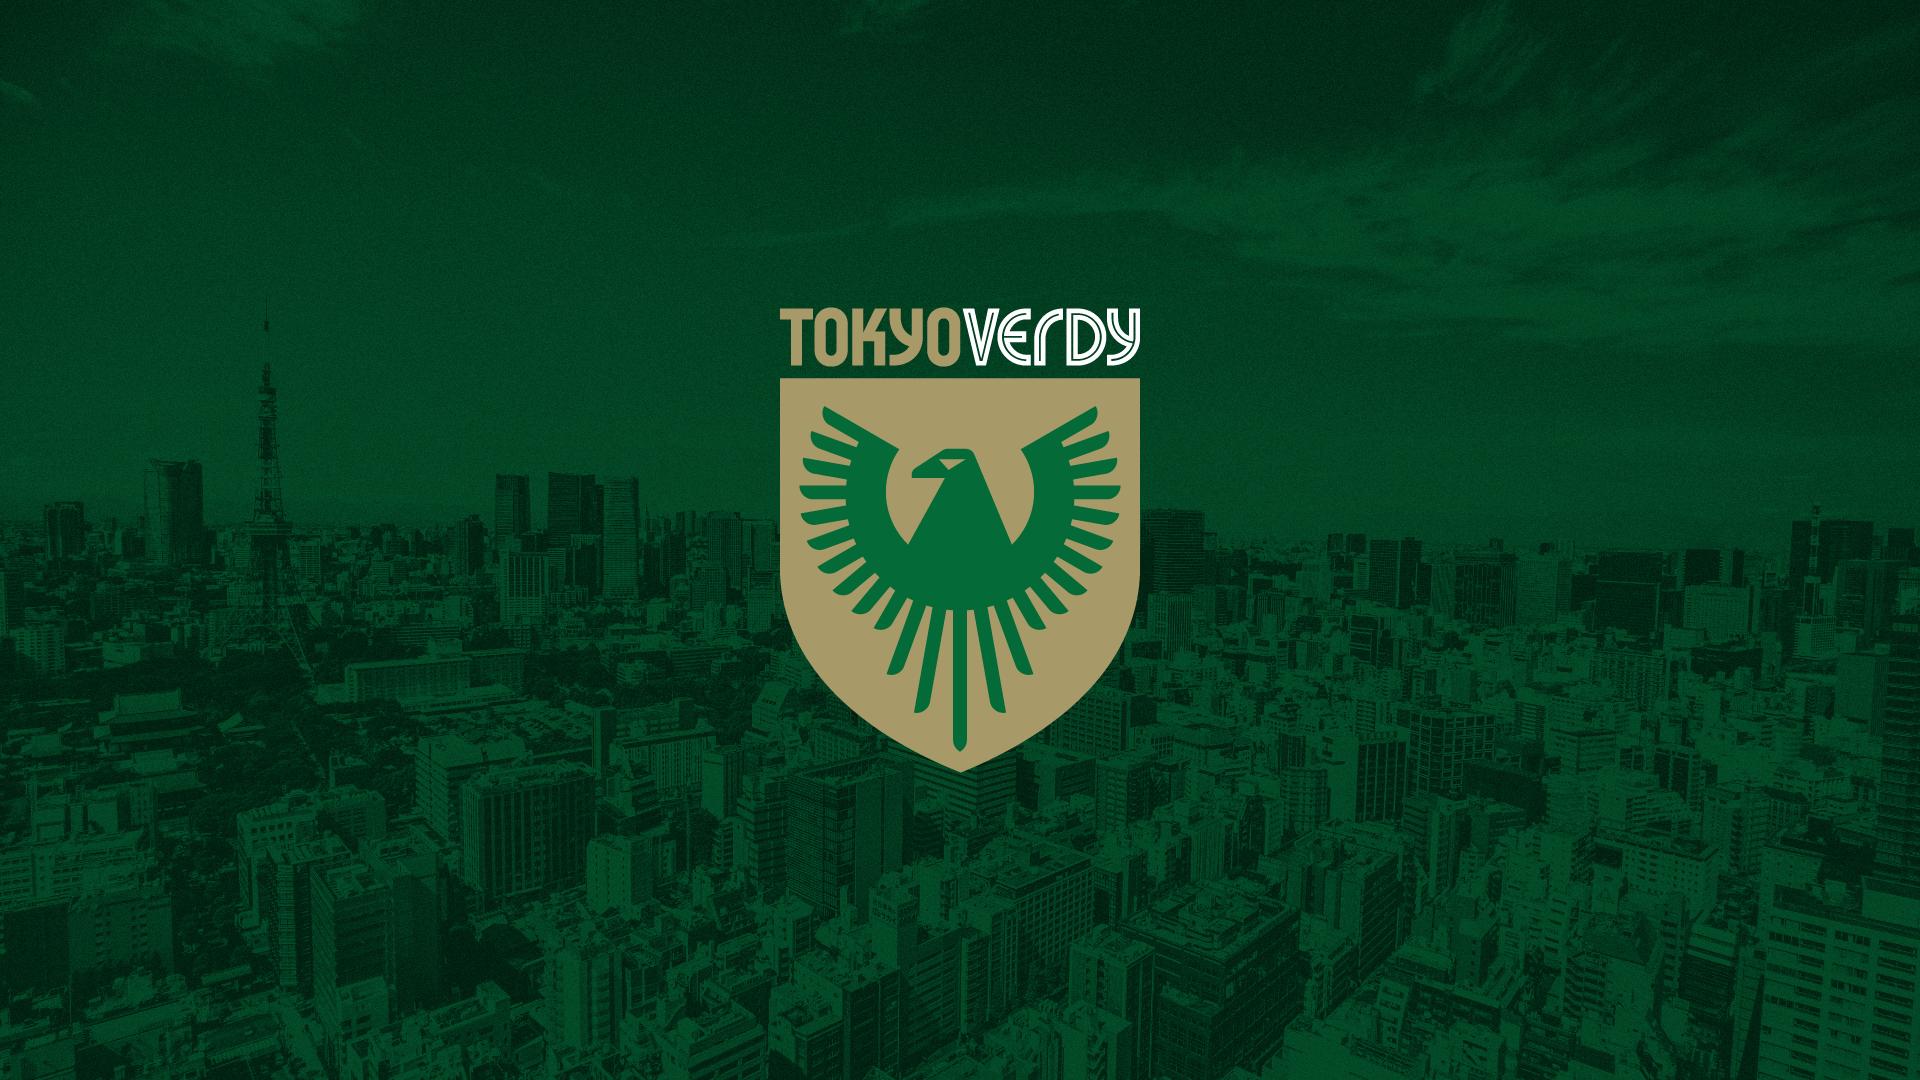 東京ヴェルディ / Tokyo Verdy